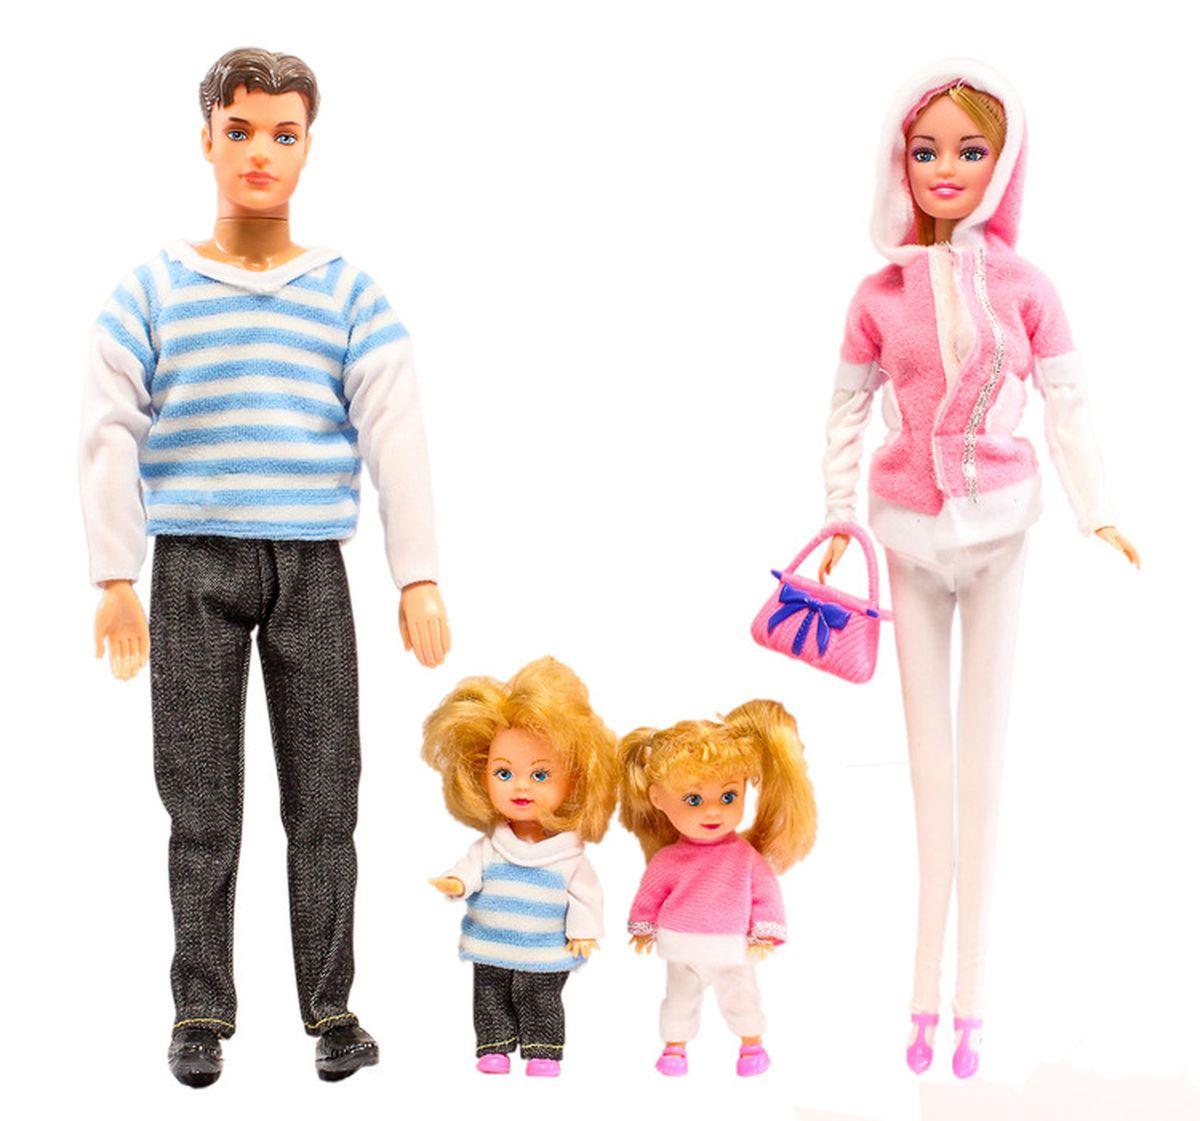 Win Goal Кукла Семья11083Каждая девочка мечтает поскорее вырасти, поэтому набор кукол Моя Семья необходим среди ее игрушек.